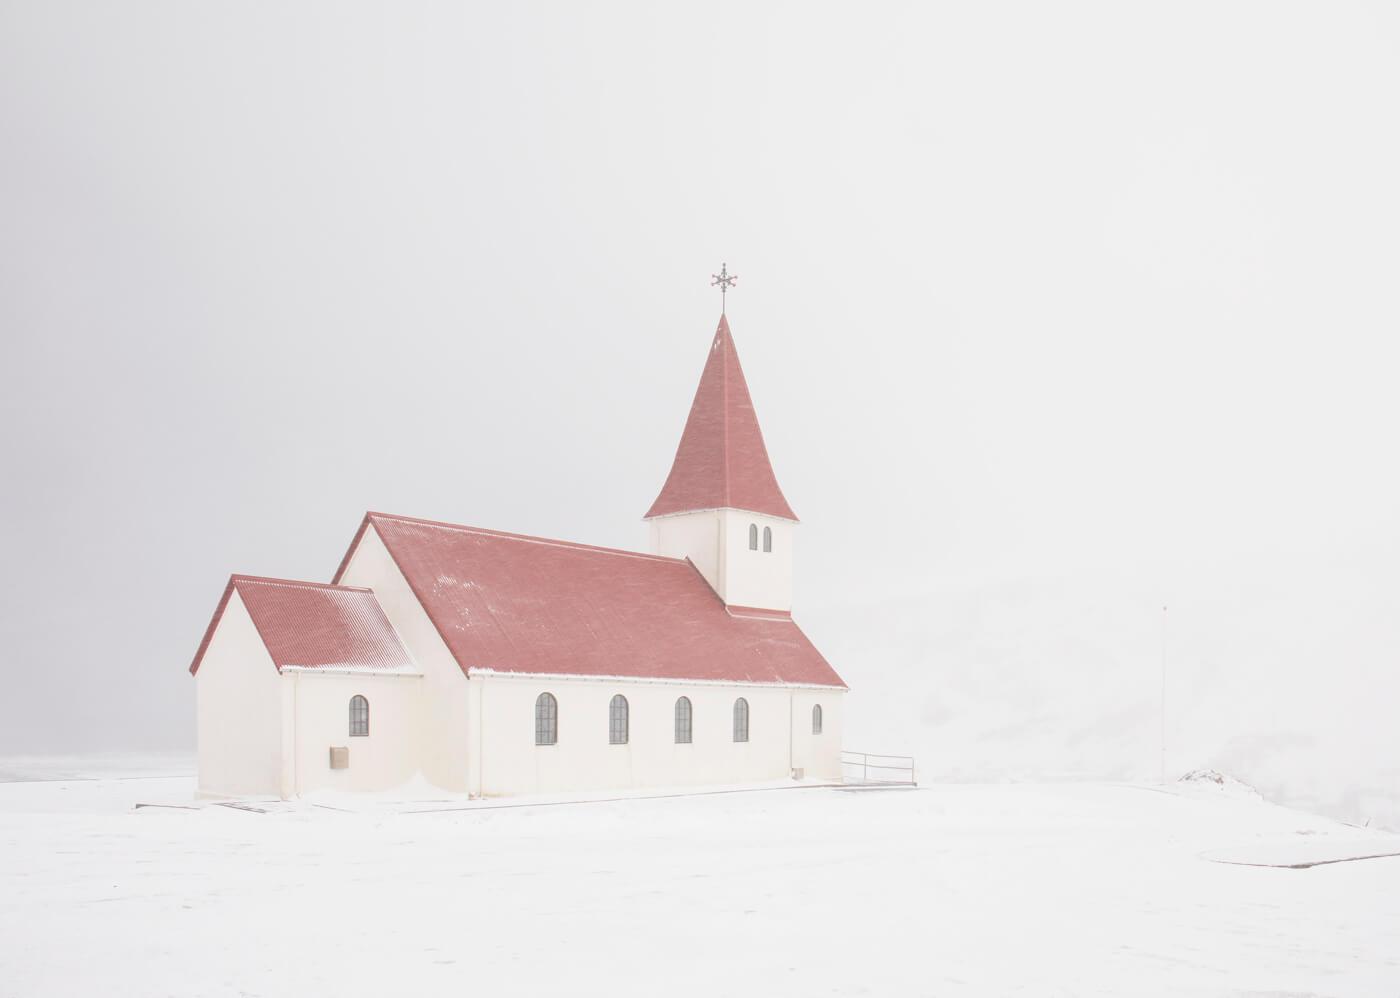 Myrdal Church, Vik, Iceland